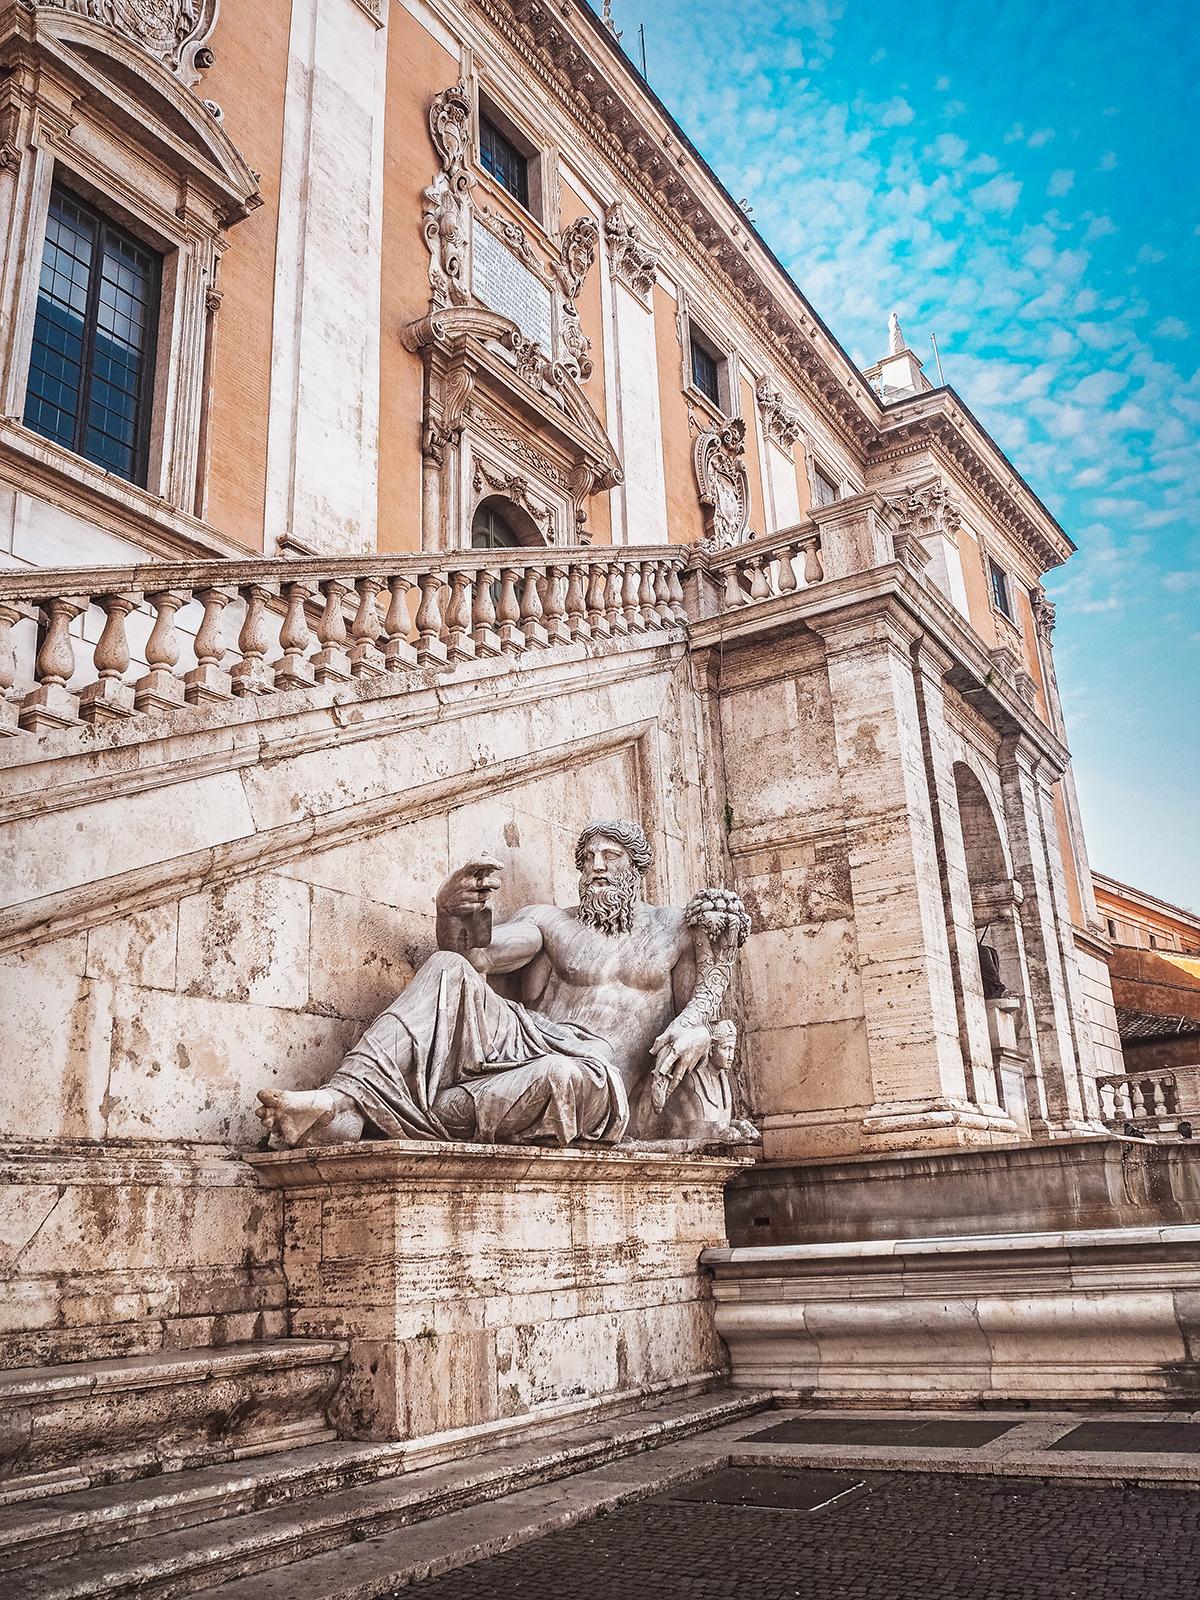 Campidoglio Square (Piazza del Campidoglio)